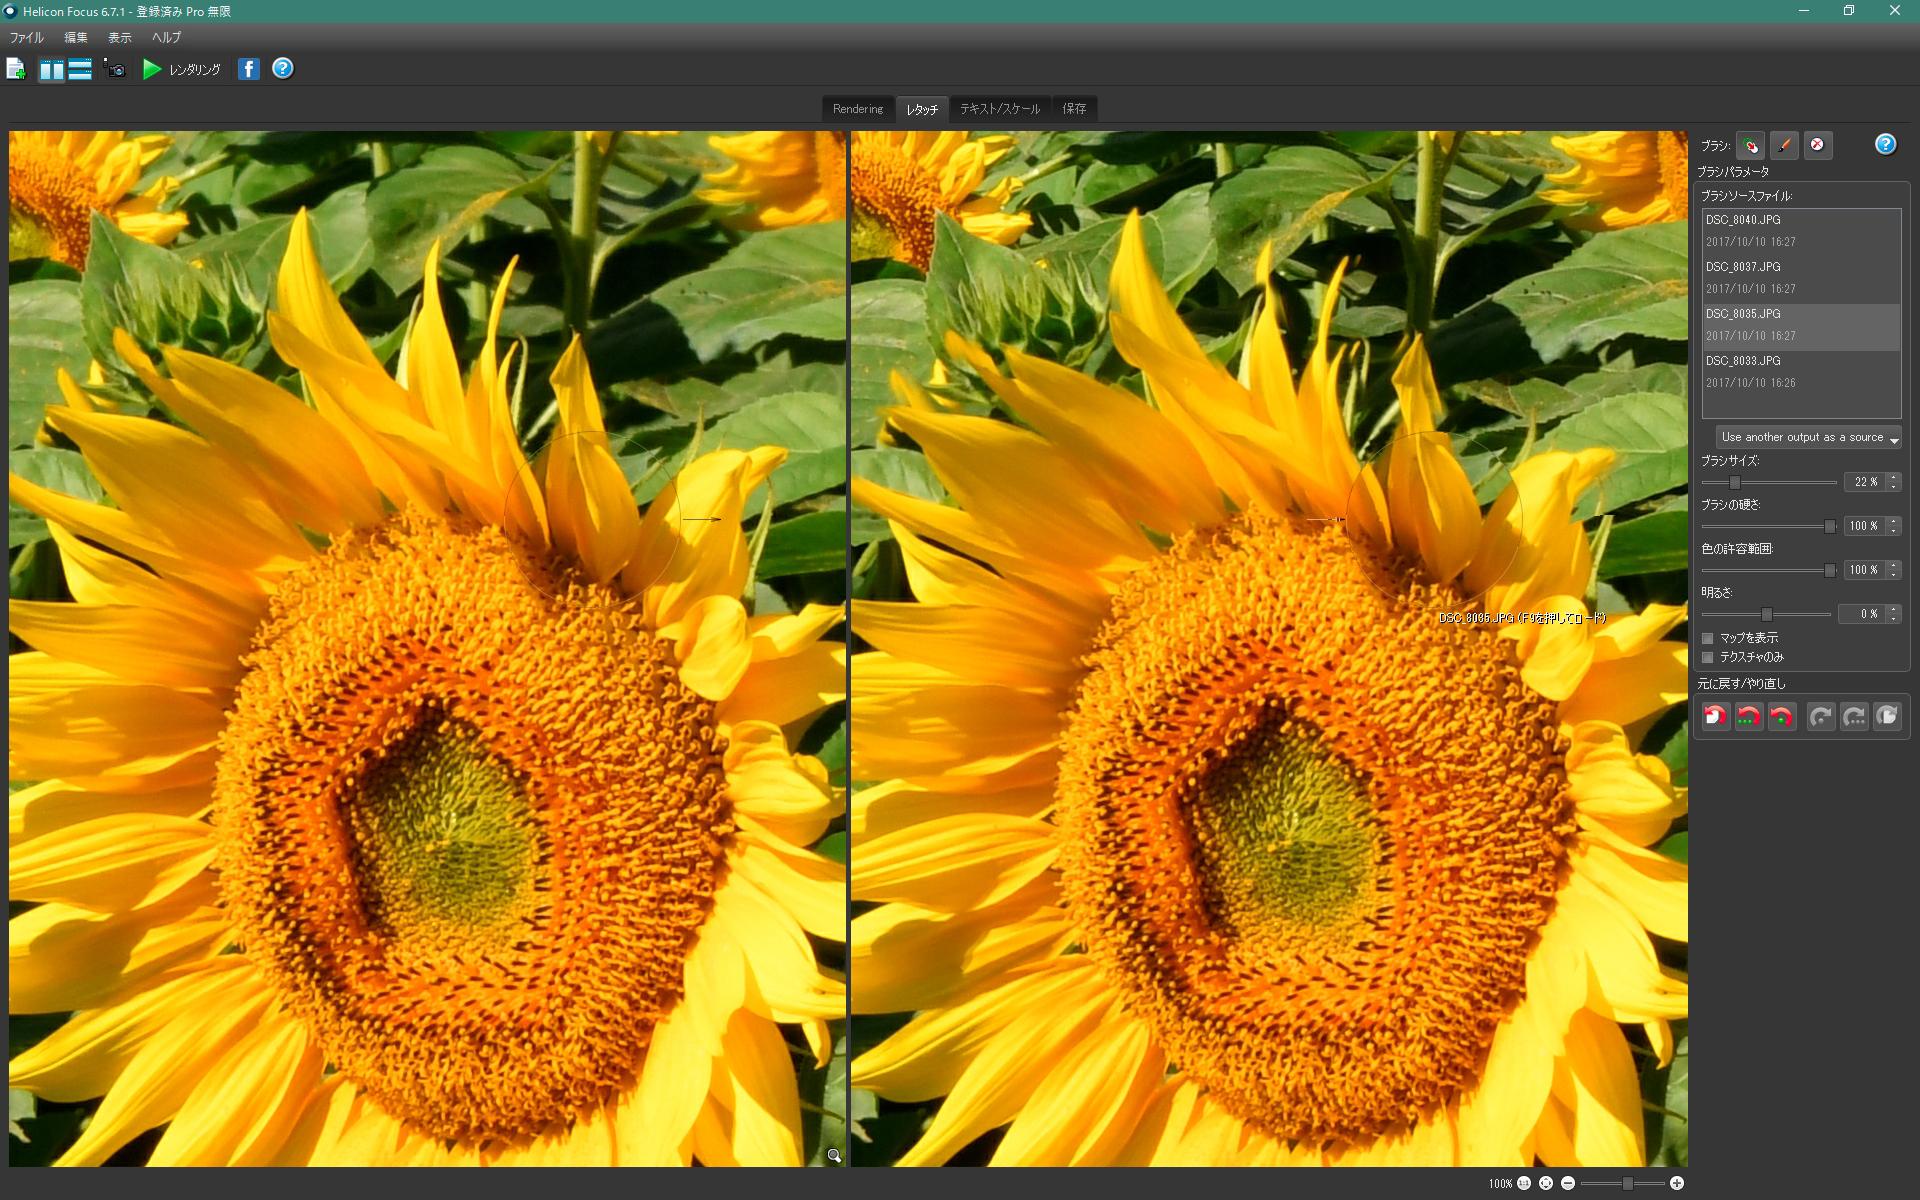 ヒマワリの花が風で揺れて、花びらが多重になっている。ファンクションキー[f・9]を押すと、マウスカーソルの置かれた箇所の合成に使用されている素材が自動的に選択され、左画面に表示される。右上のソースファイルを手動で選択することも可能。